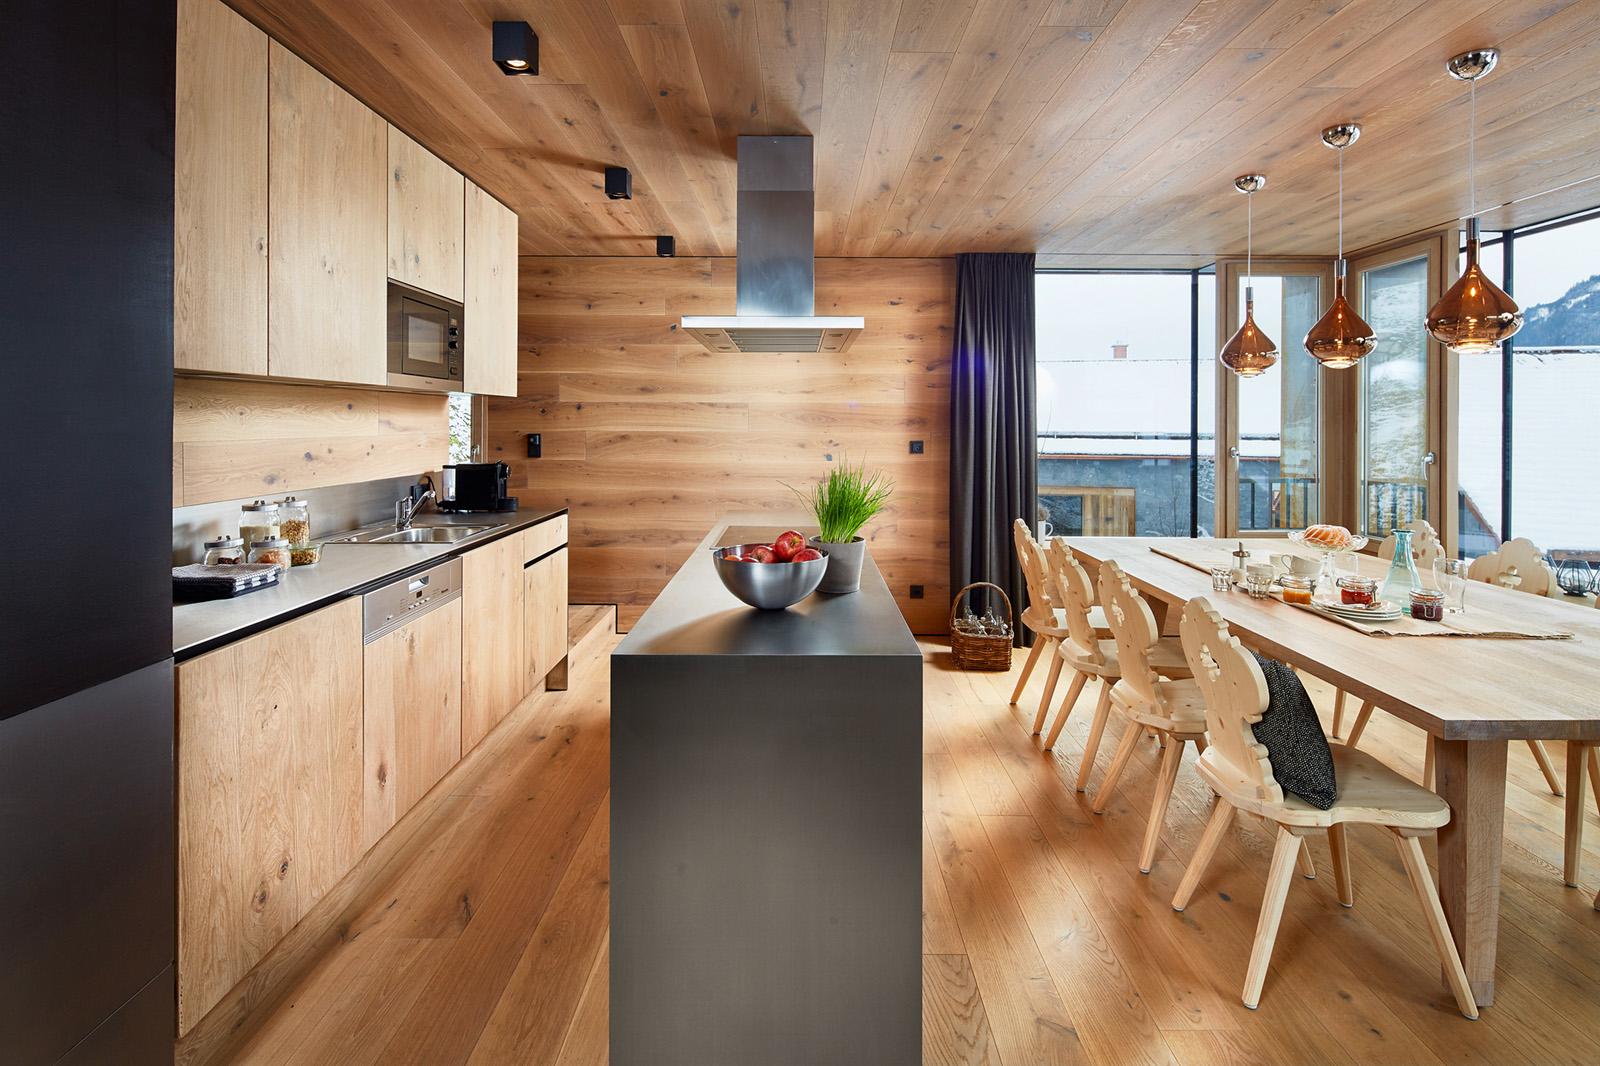 Impressionen im haus – Küche mit Essplatz | Auf da Leitn 8